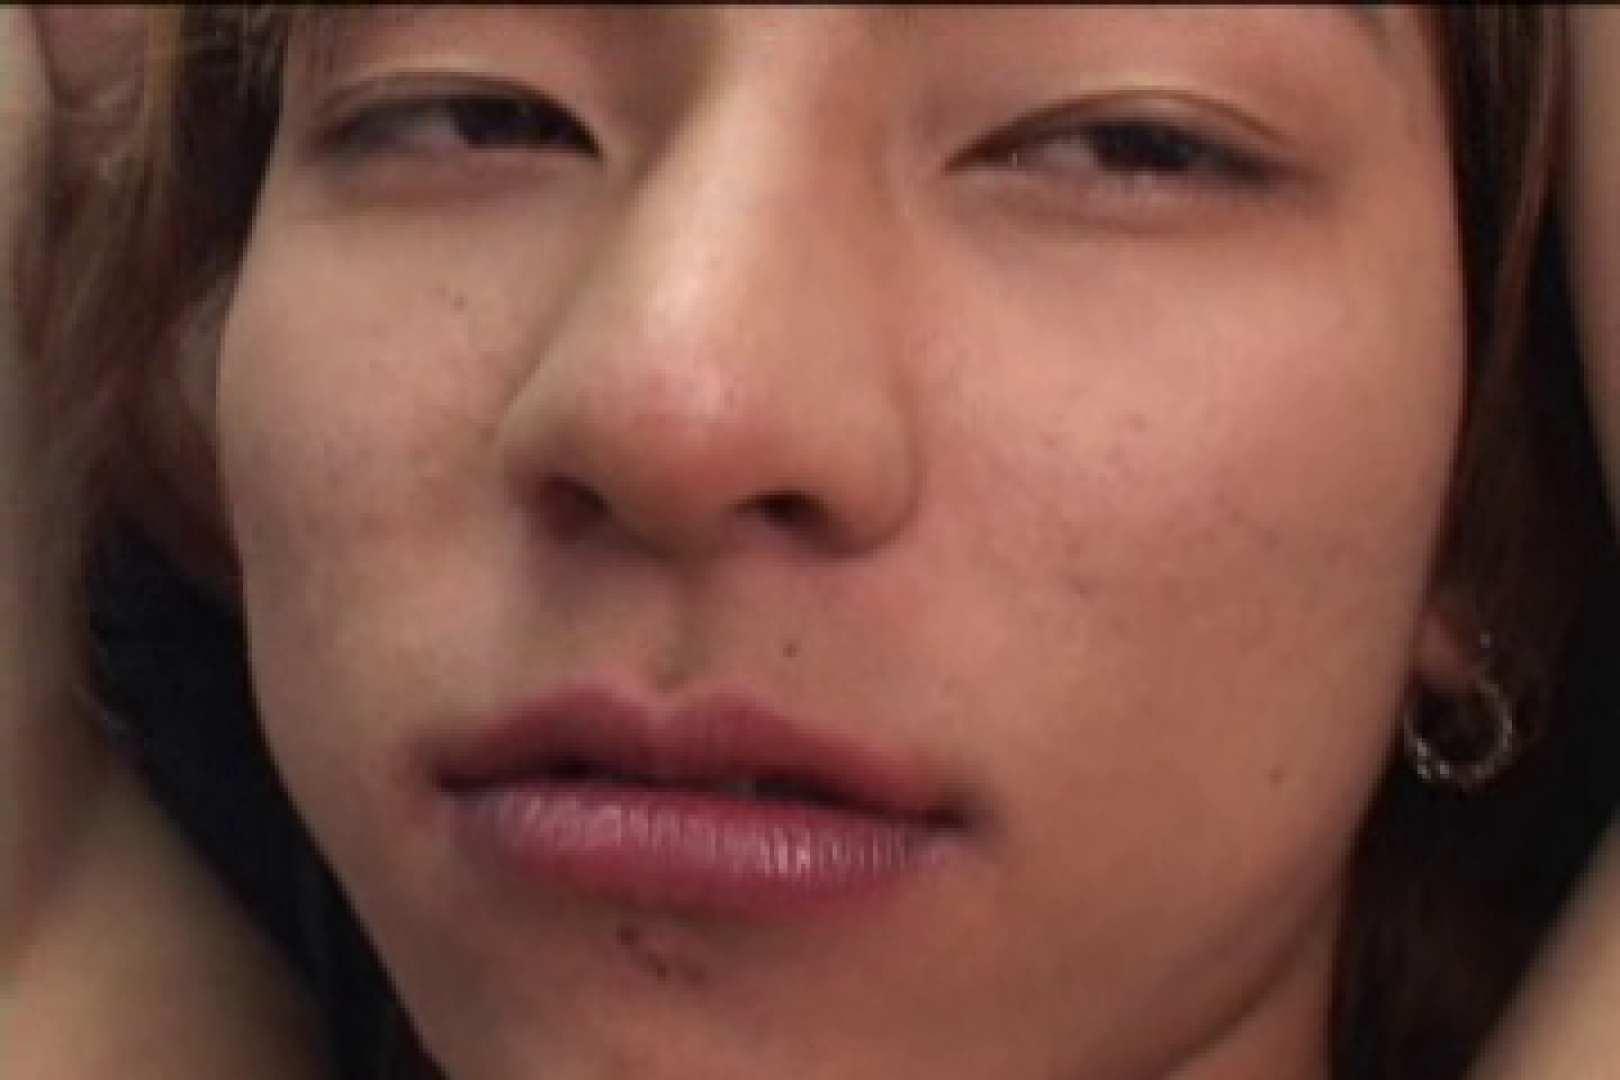 怒涛の集団攻撃!!vol.02 フェラ天国 ゲイフリーエロ画像 97pic 35